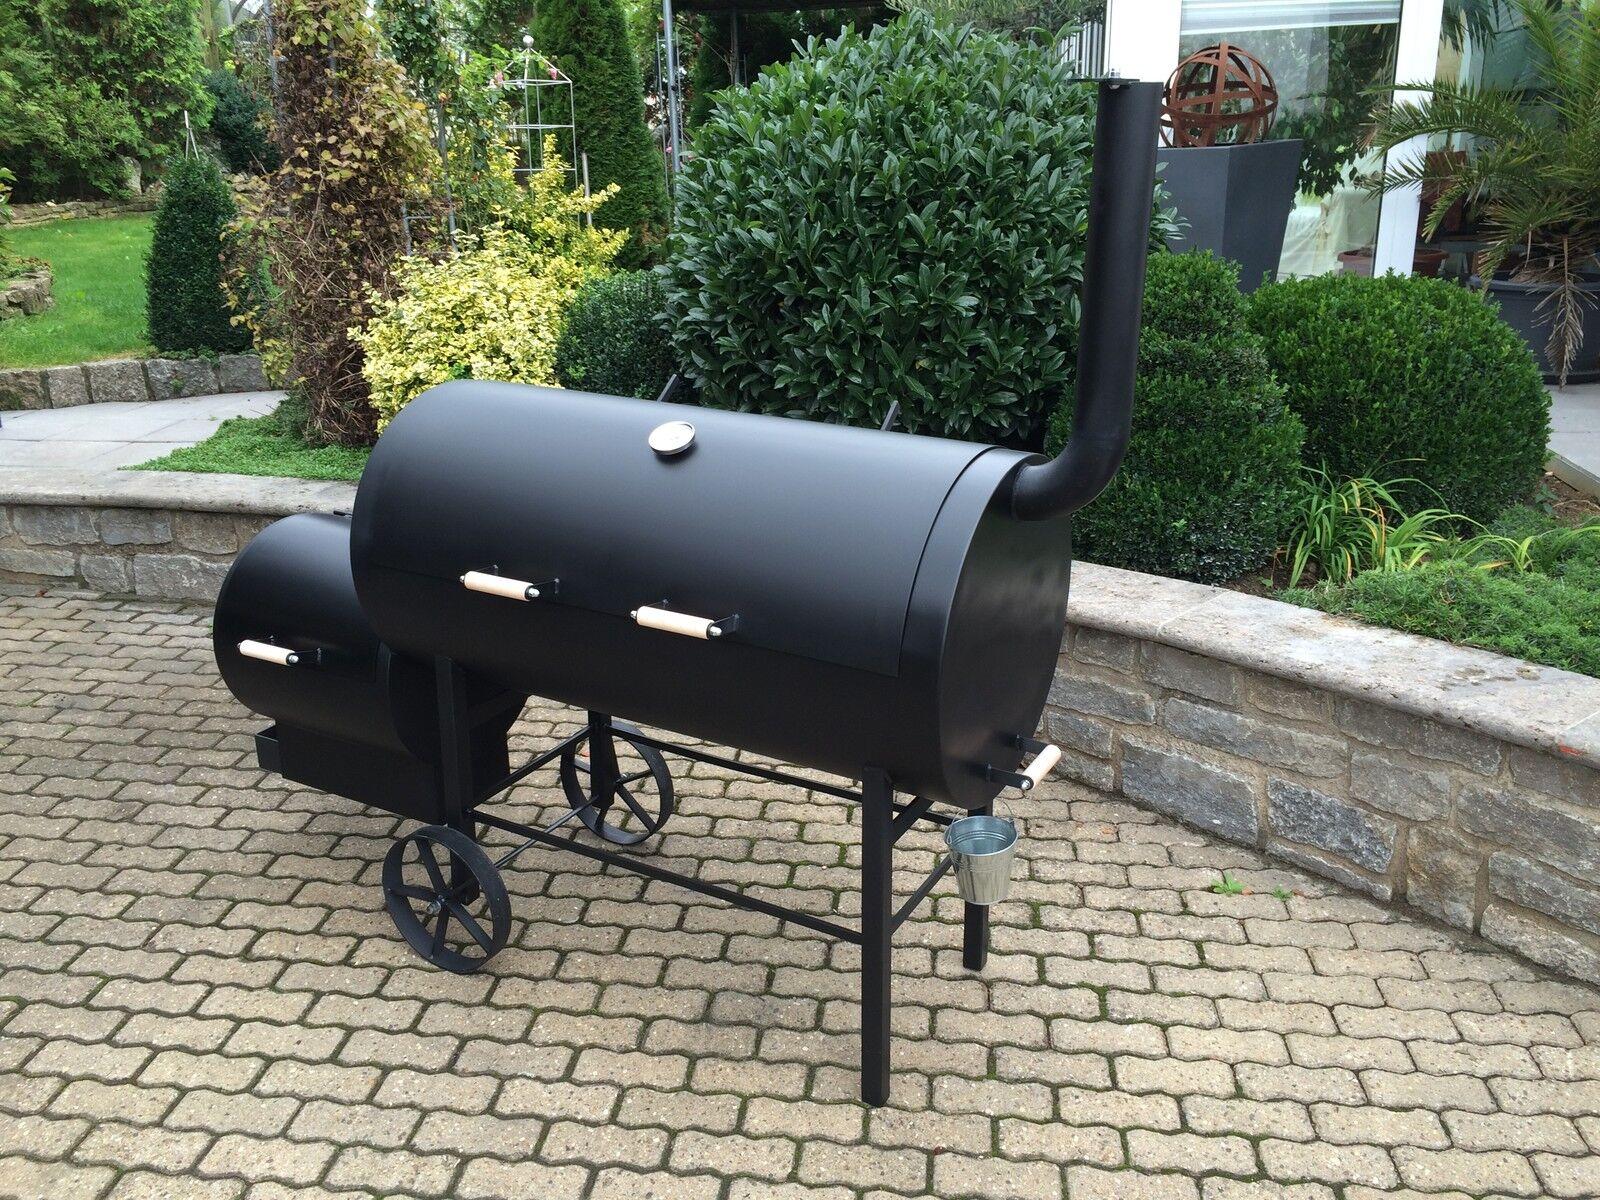 Landmann Holzkohlegrill Xxl : Xxl grilllok smoker landmann bbq holzkohle grill